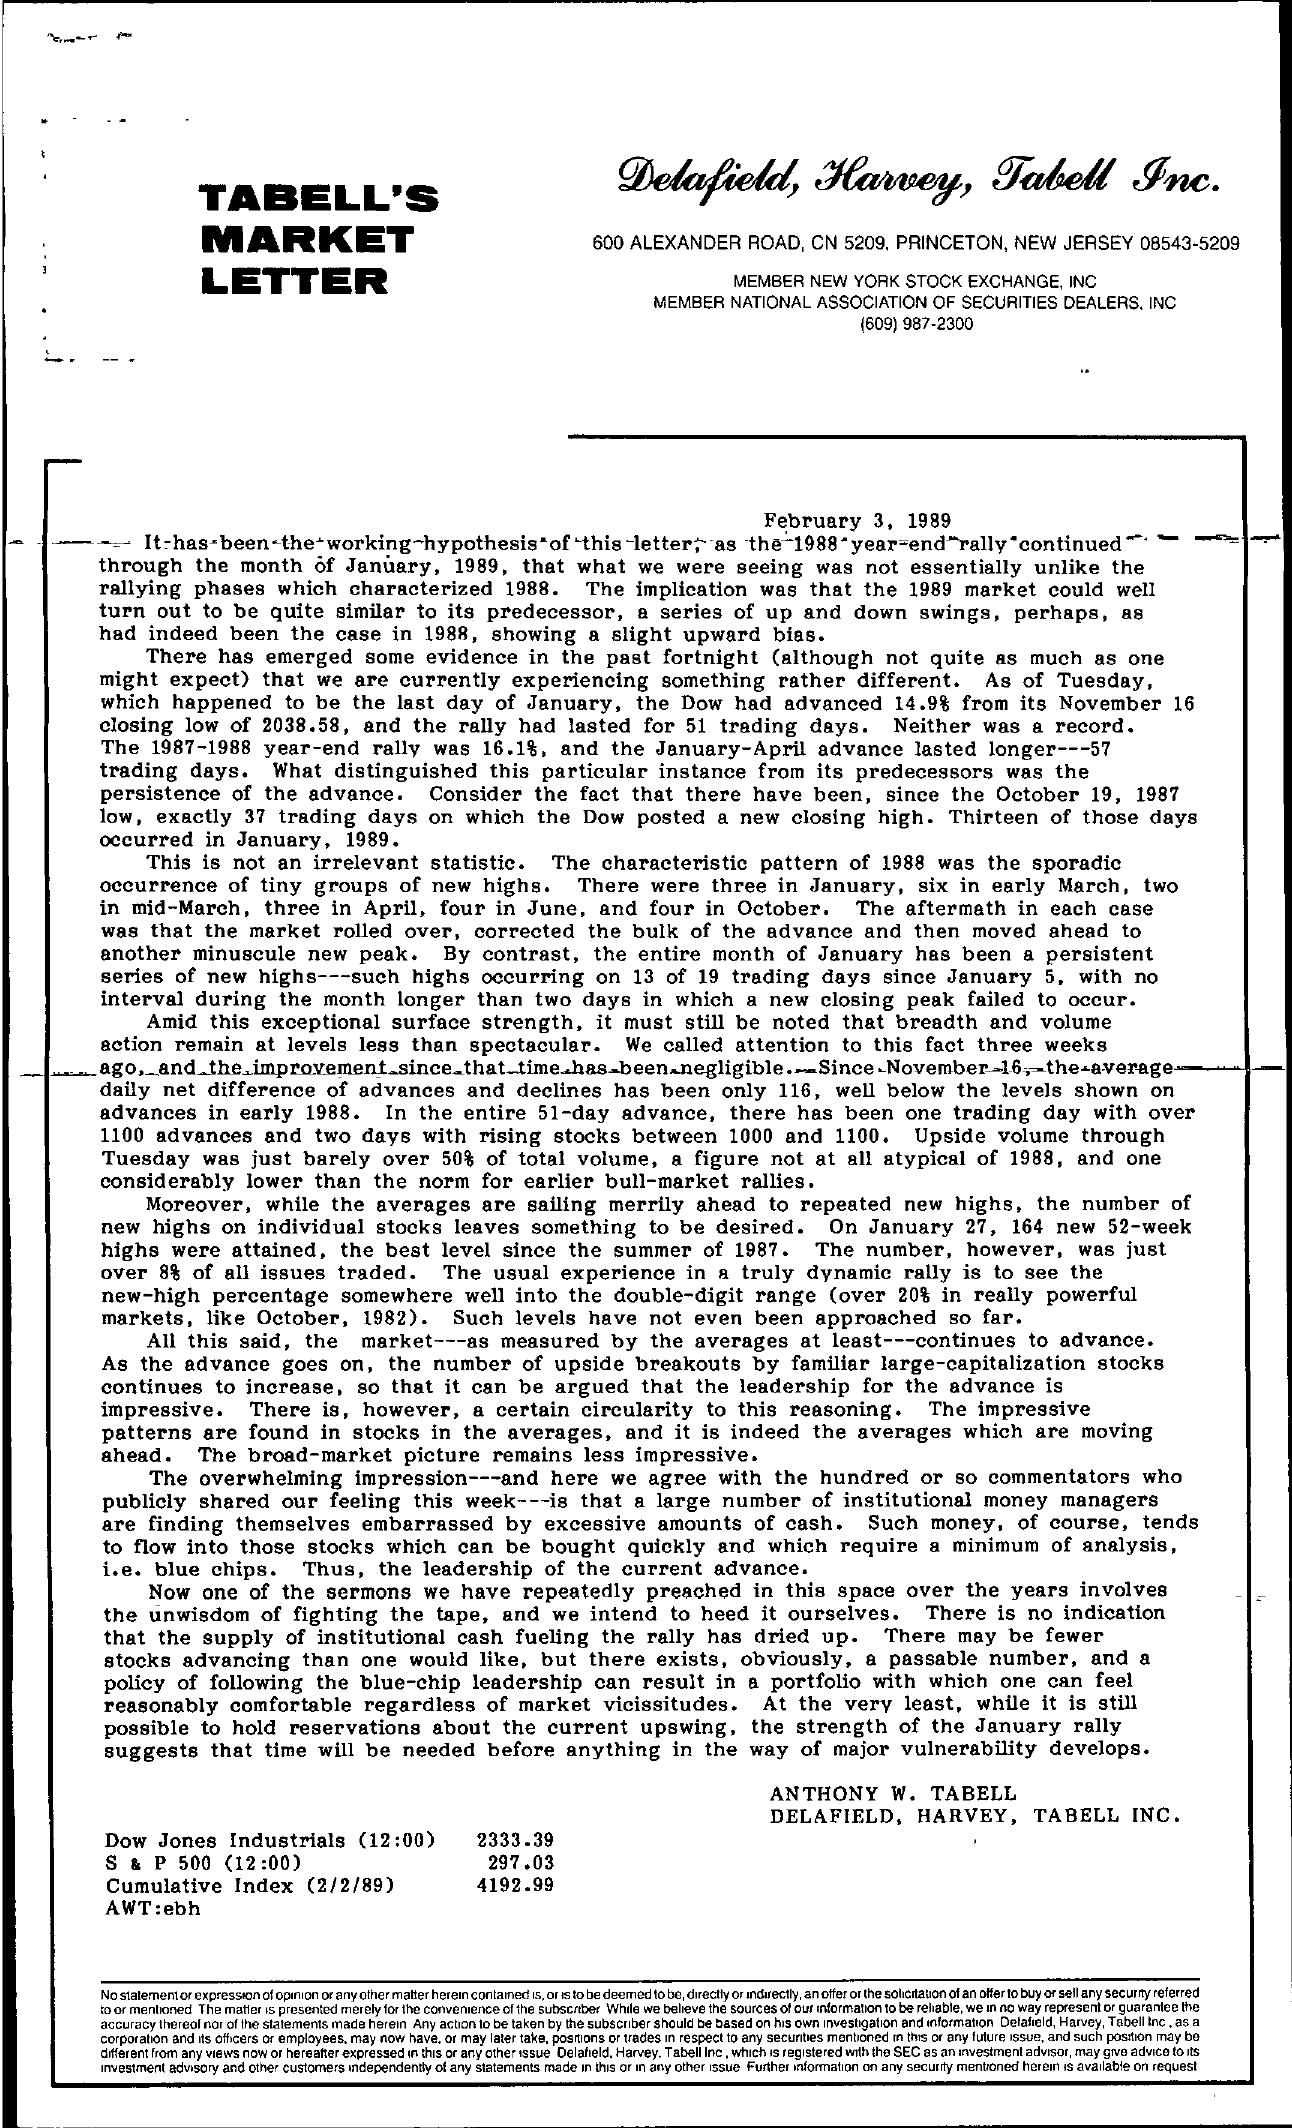 Tabell's Market Letter - February 03, 1989